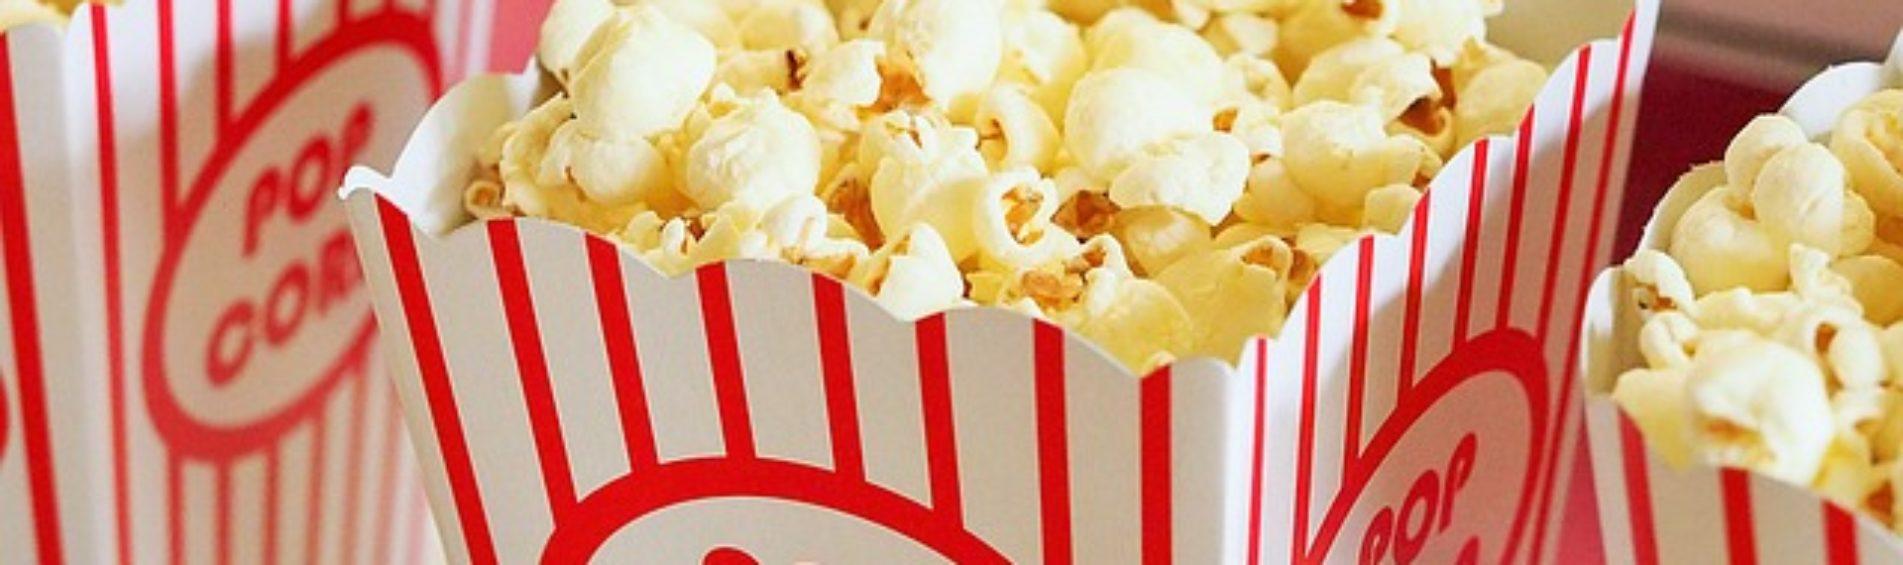 Cineforum 2018: ultimo appuntamento della stagione